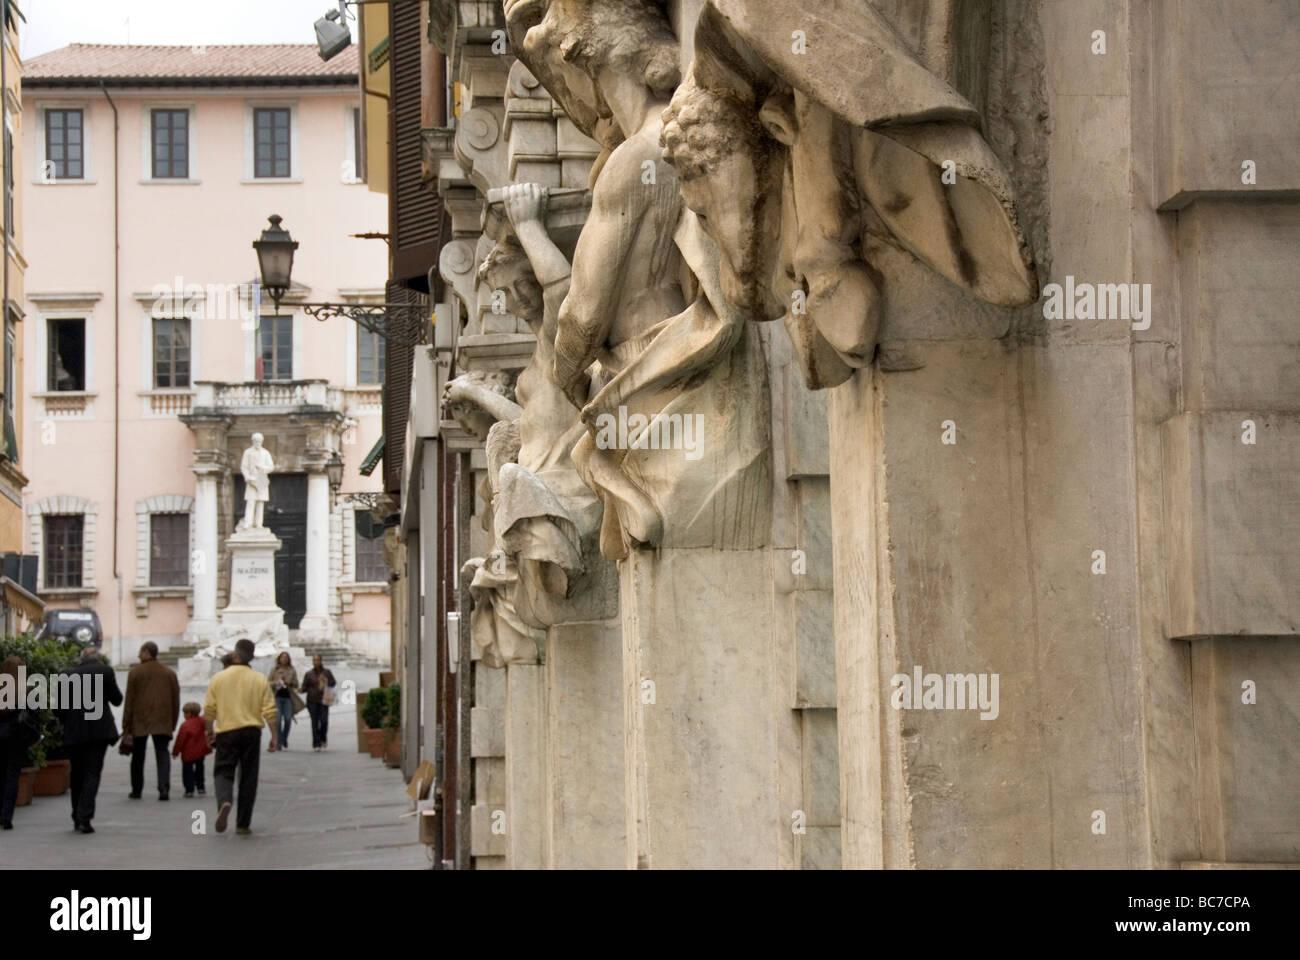 Stile Liberty sculture sulla facciata di una banca. Una statua di Mazzini in background Immagini Stock